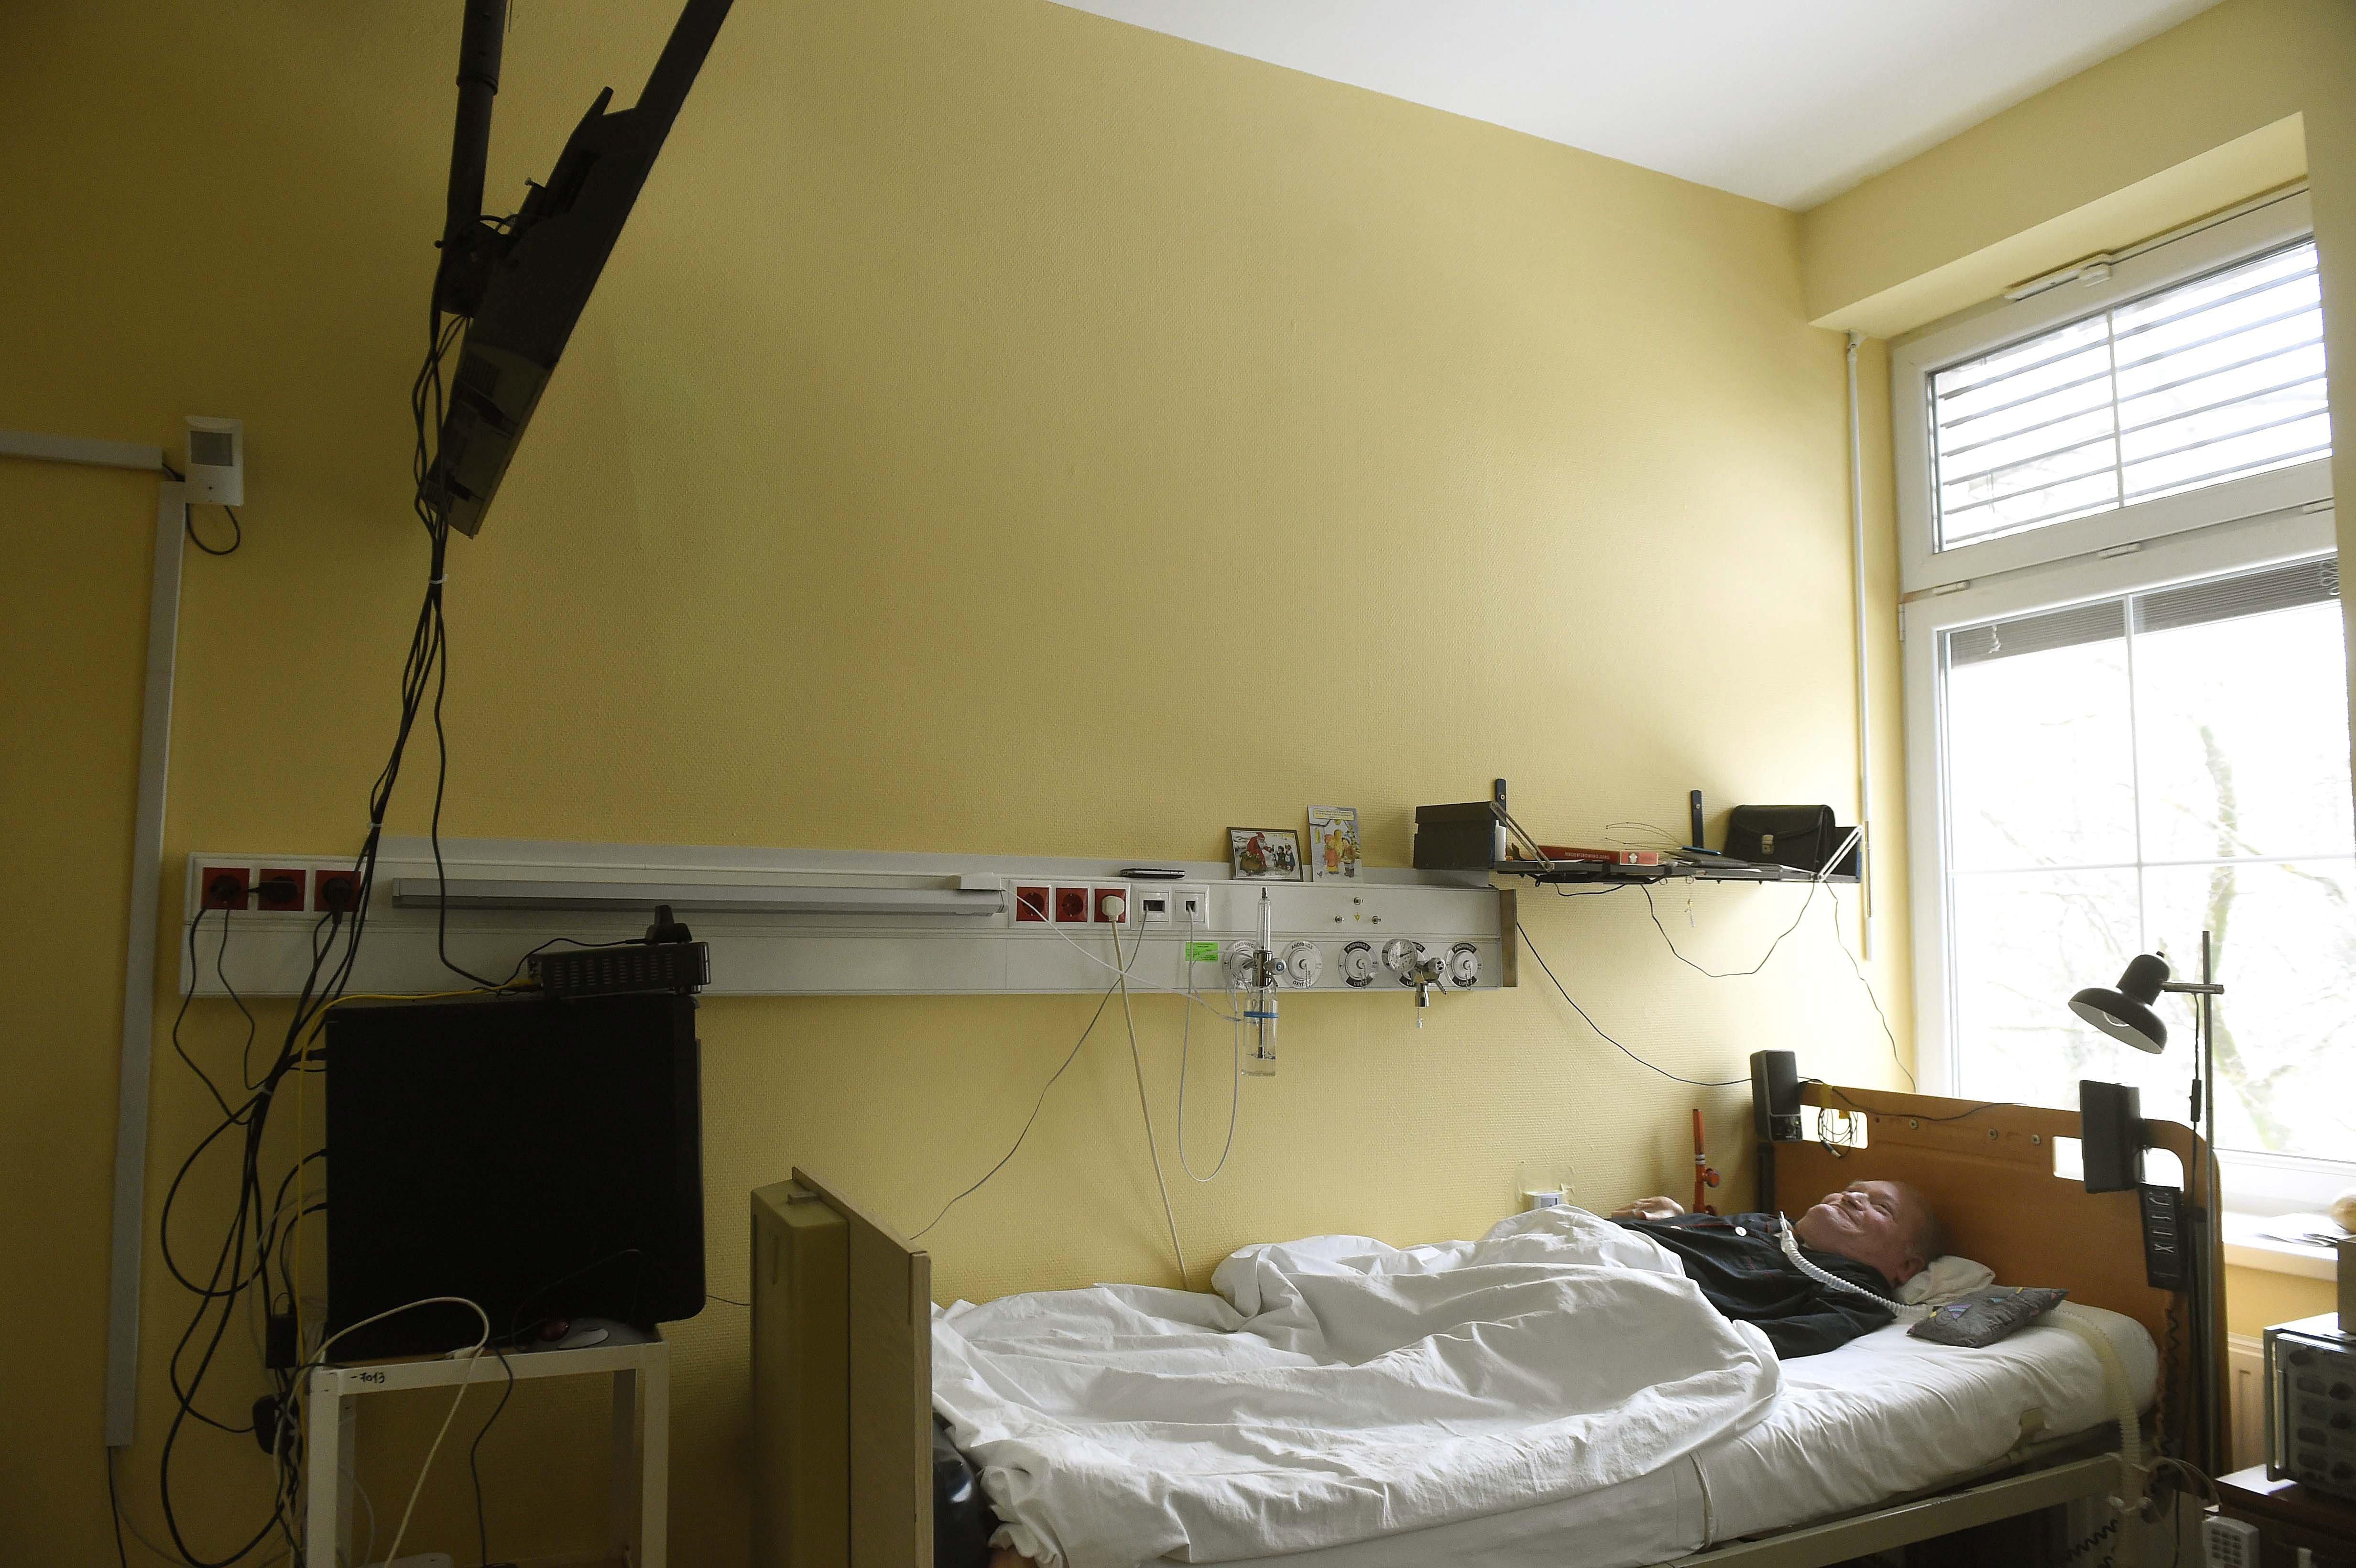 Fokozatosan kiszorulnak az egészségügyi ellátásból a nem koronavírusos betegek